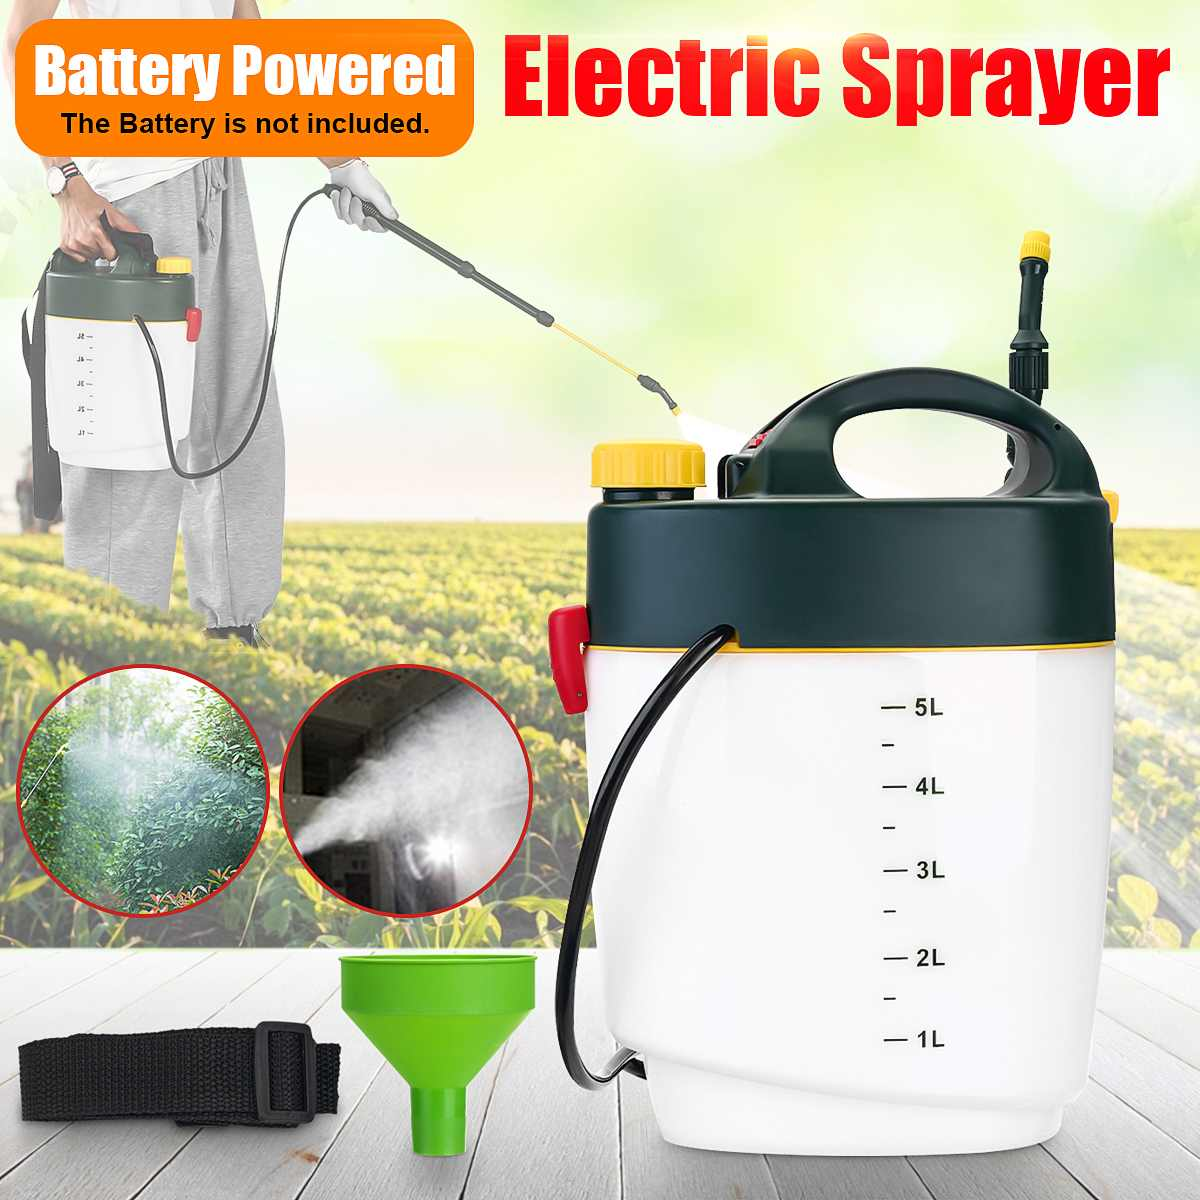 5L الكهربائية ضباب بخاخ الزراعية المبيدات موزع حديقة بطارية تعمل بالطاقة مبيد تطهير آلة بعيدة المدى